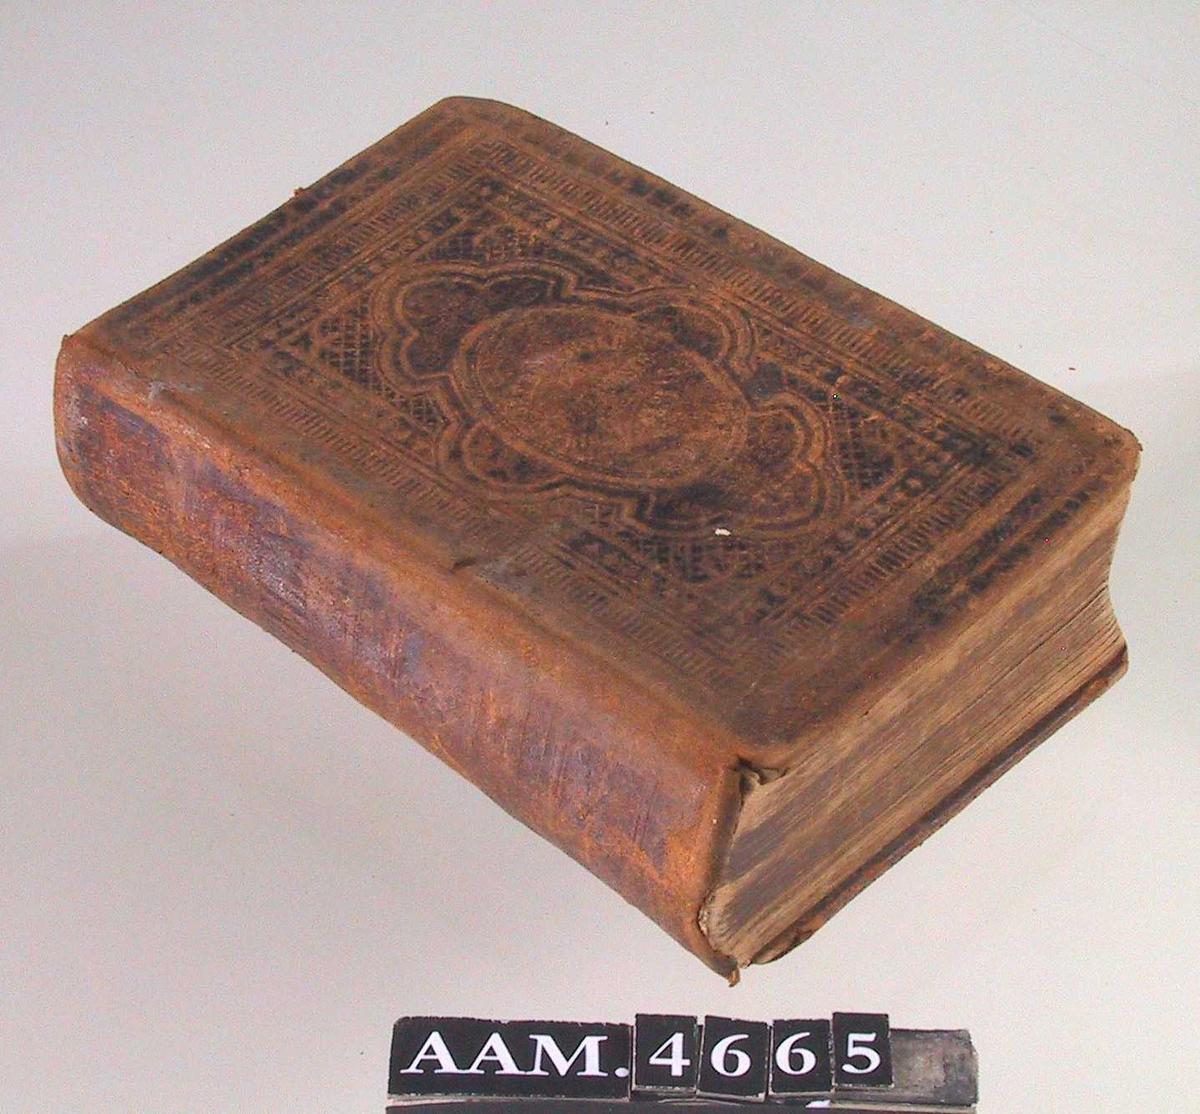 Bibelen,  eller  Den hellige Skrift,  indeholdende det Gamle og det Nye Testamentes canoniske Bøger.  Chra. 1879, 1196  Innbundet i brunt  skinnbind, som har vært sortmalt  (rester på forsiden).